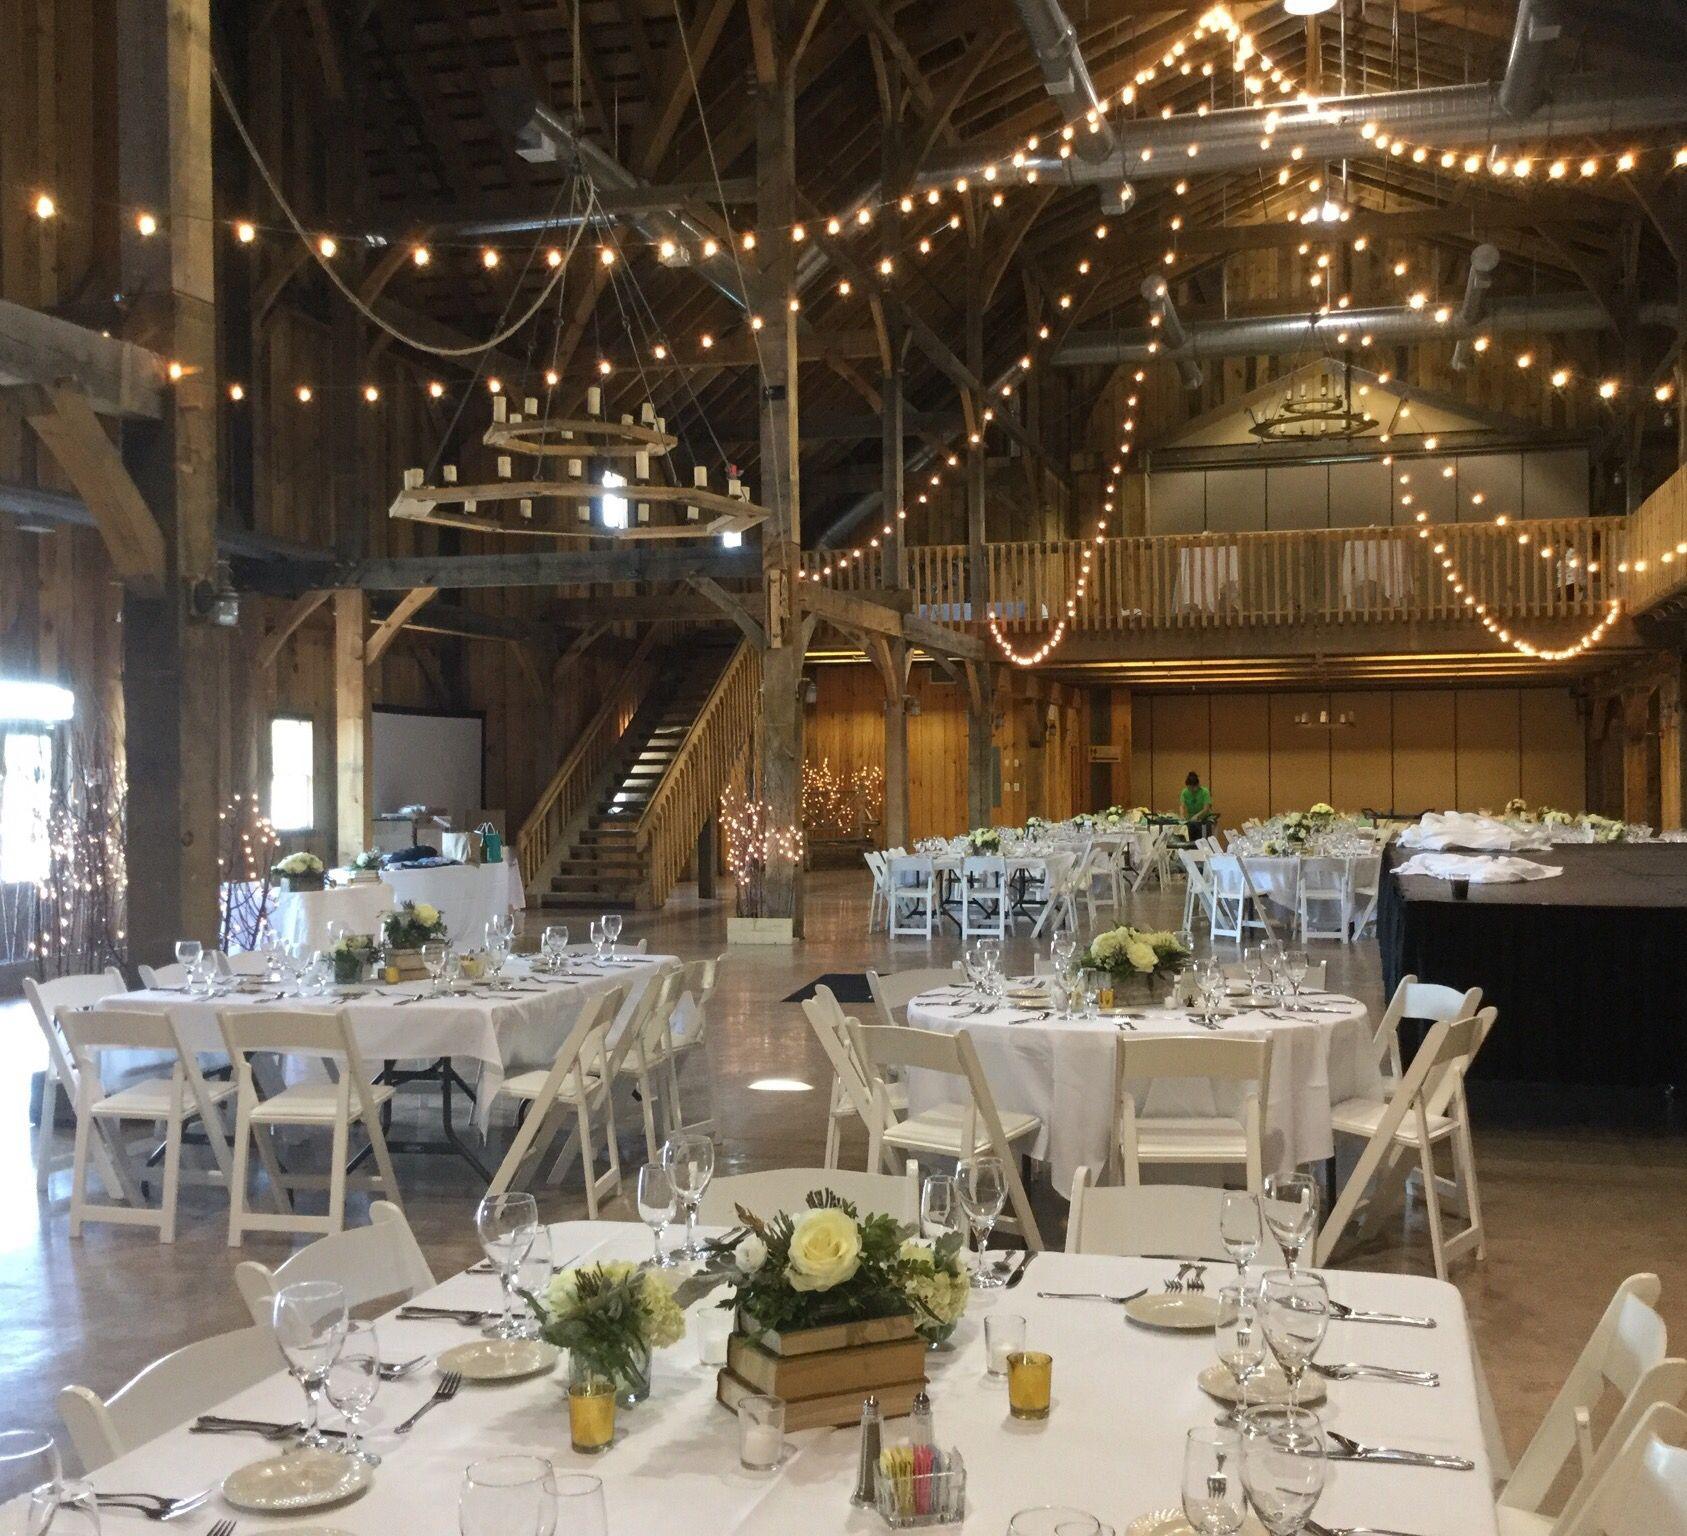 County Line Orchard barn wedding | Wedding decor elegant ...